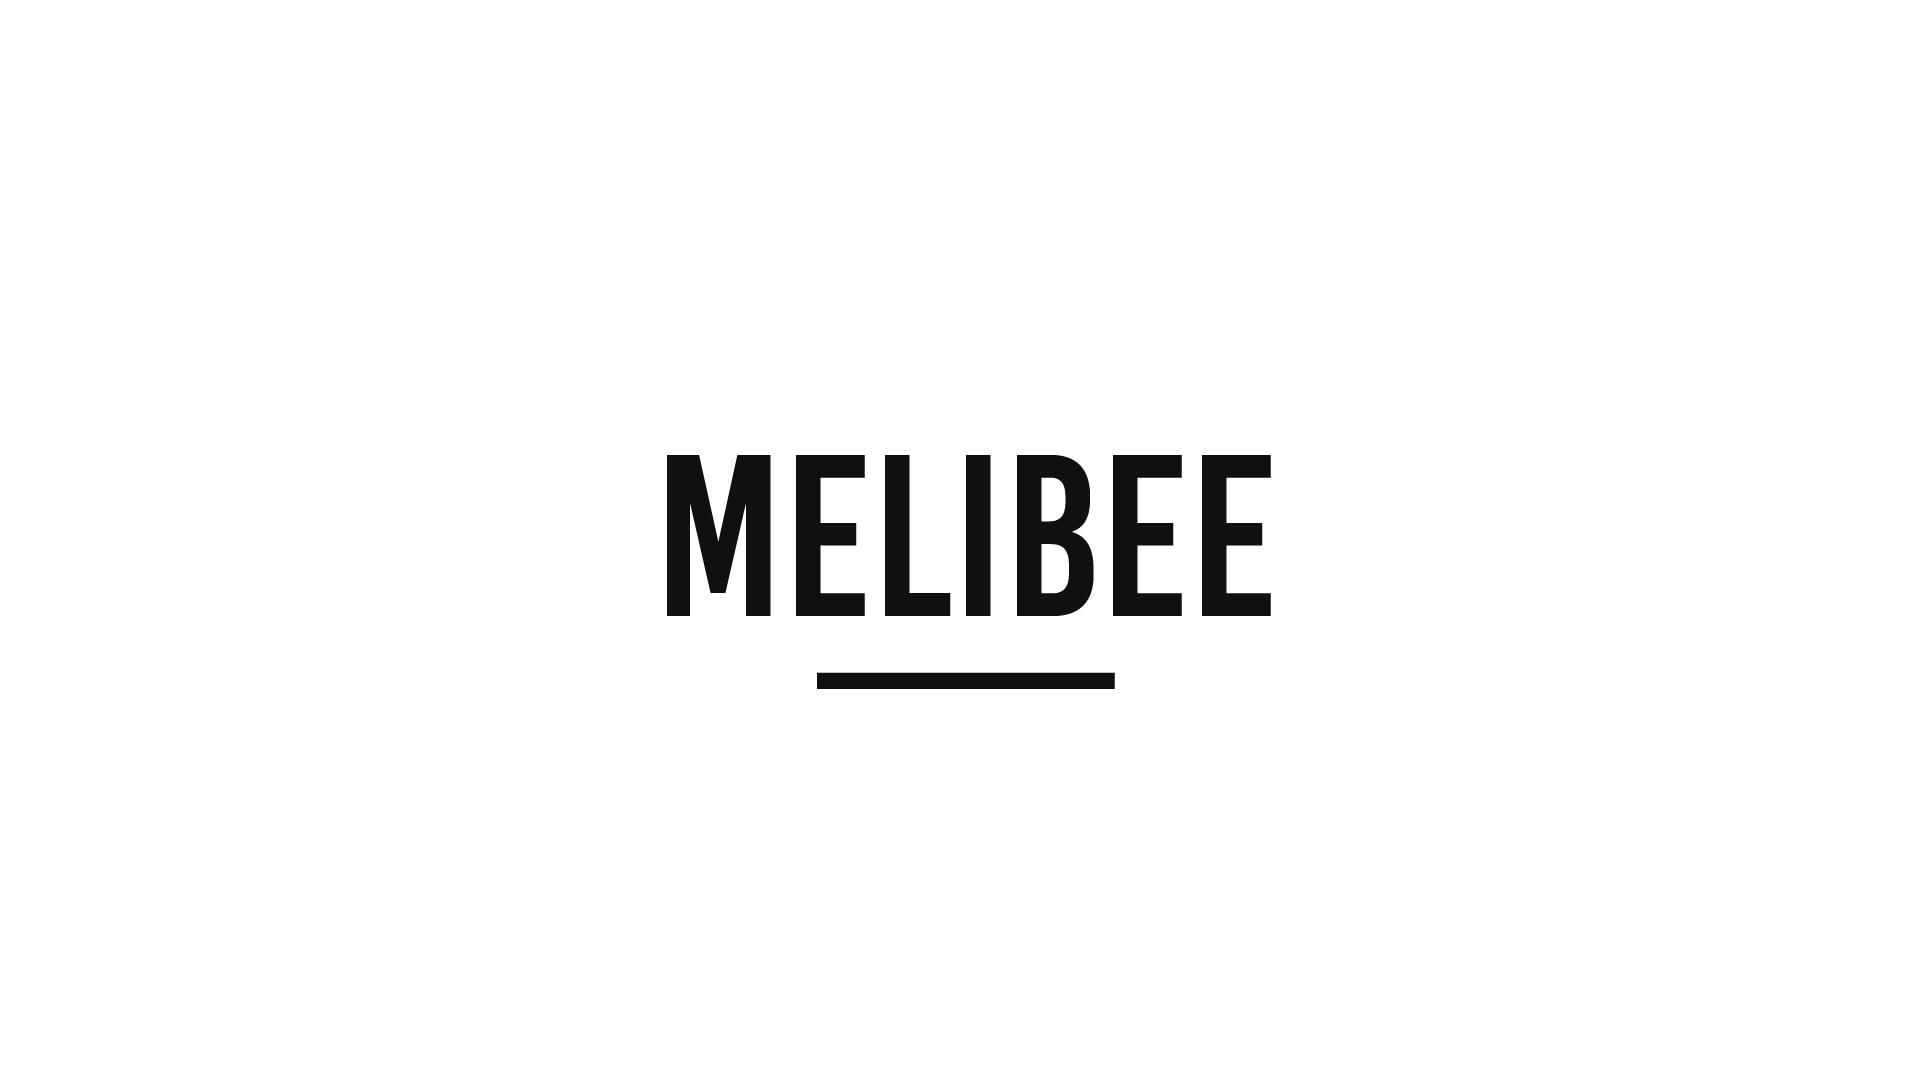 Melibee